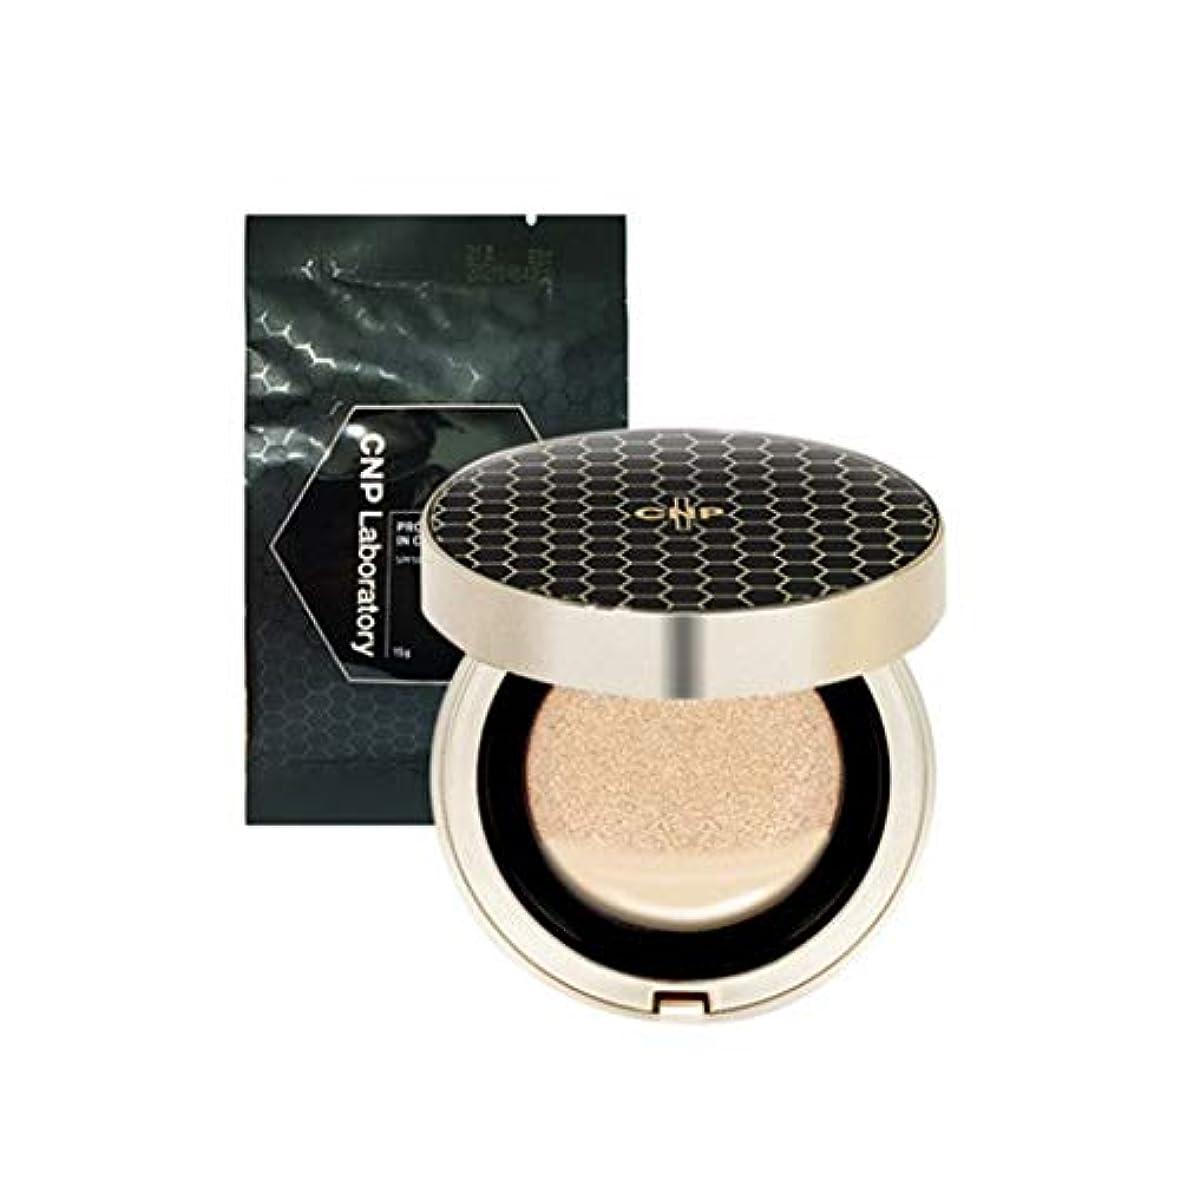 スクラップパンフレット応答[CNP] Propolis Ampule In Cushion (#21) 15g +refill15g /[CNP]プロポリスアンプルインクッション(#21号)15g +リフィル15g [並行輸入品]